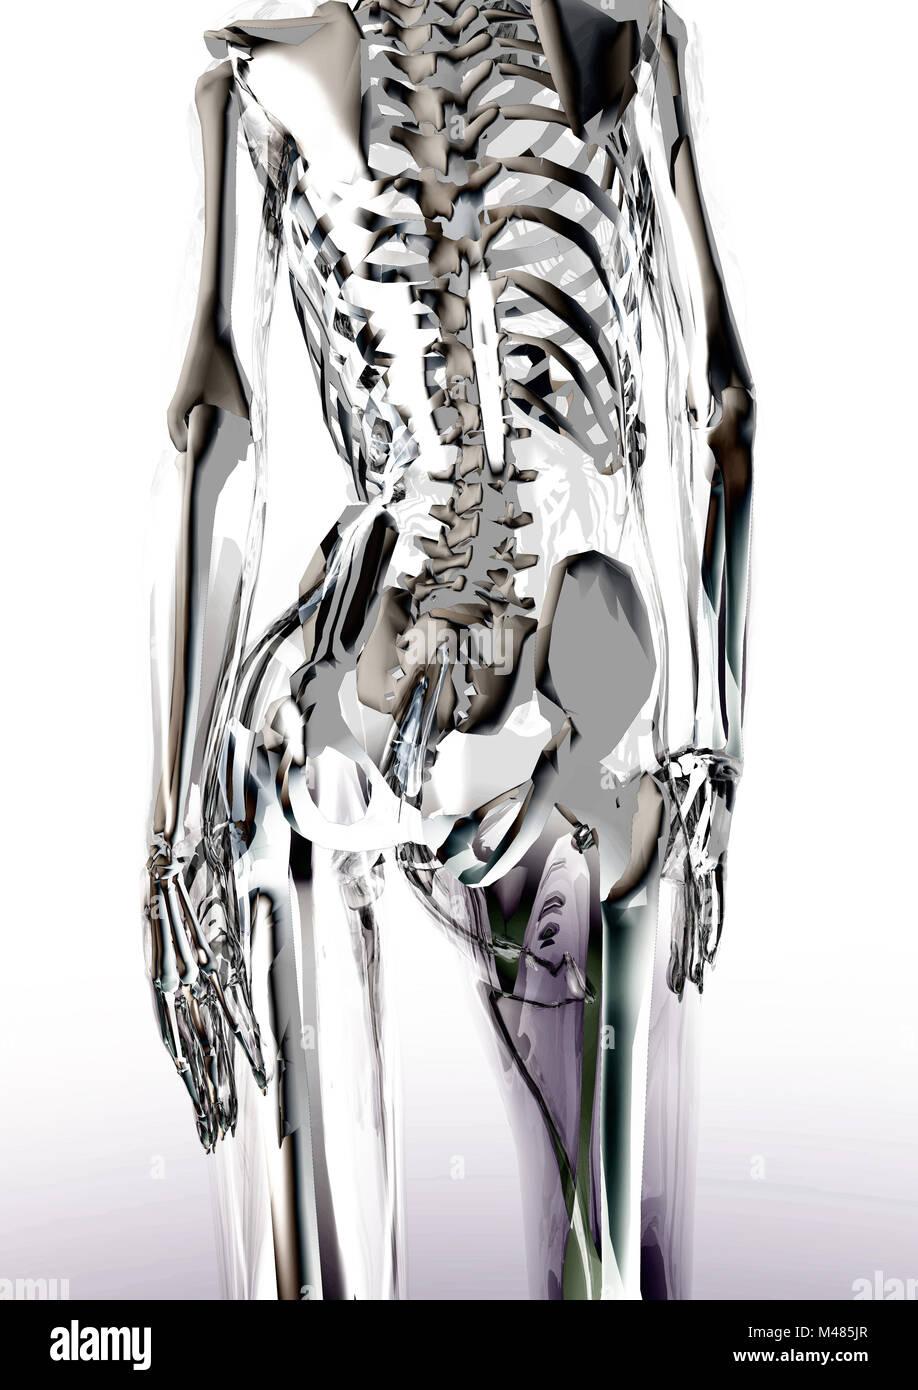 Schön Bild Des Weiblichen Körpers Zeigt Organe Fotos - Menschliche ...